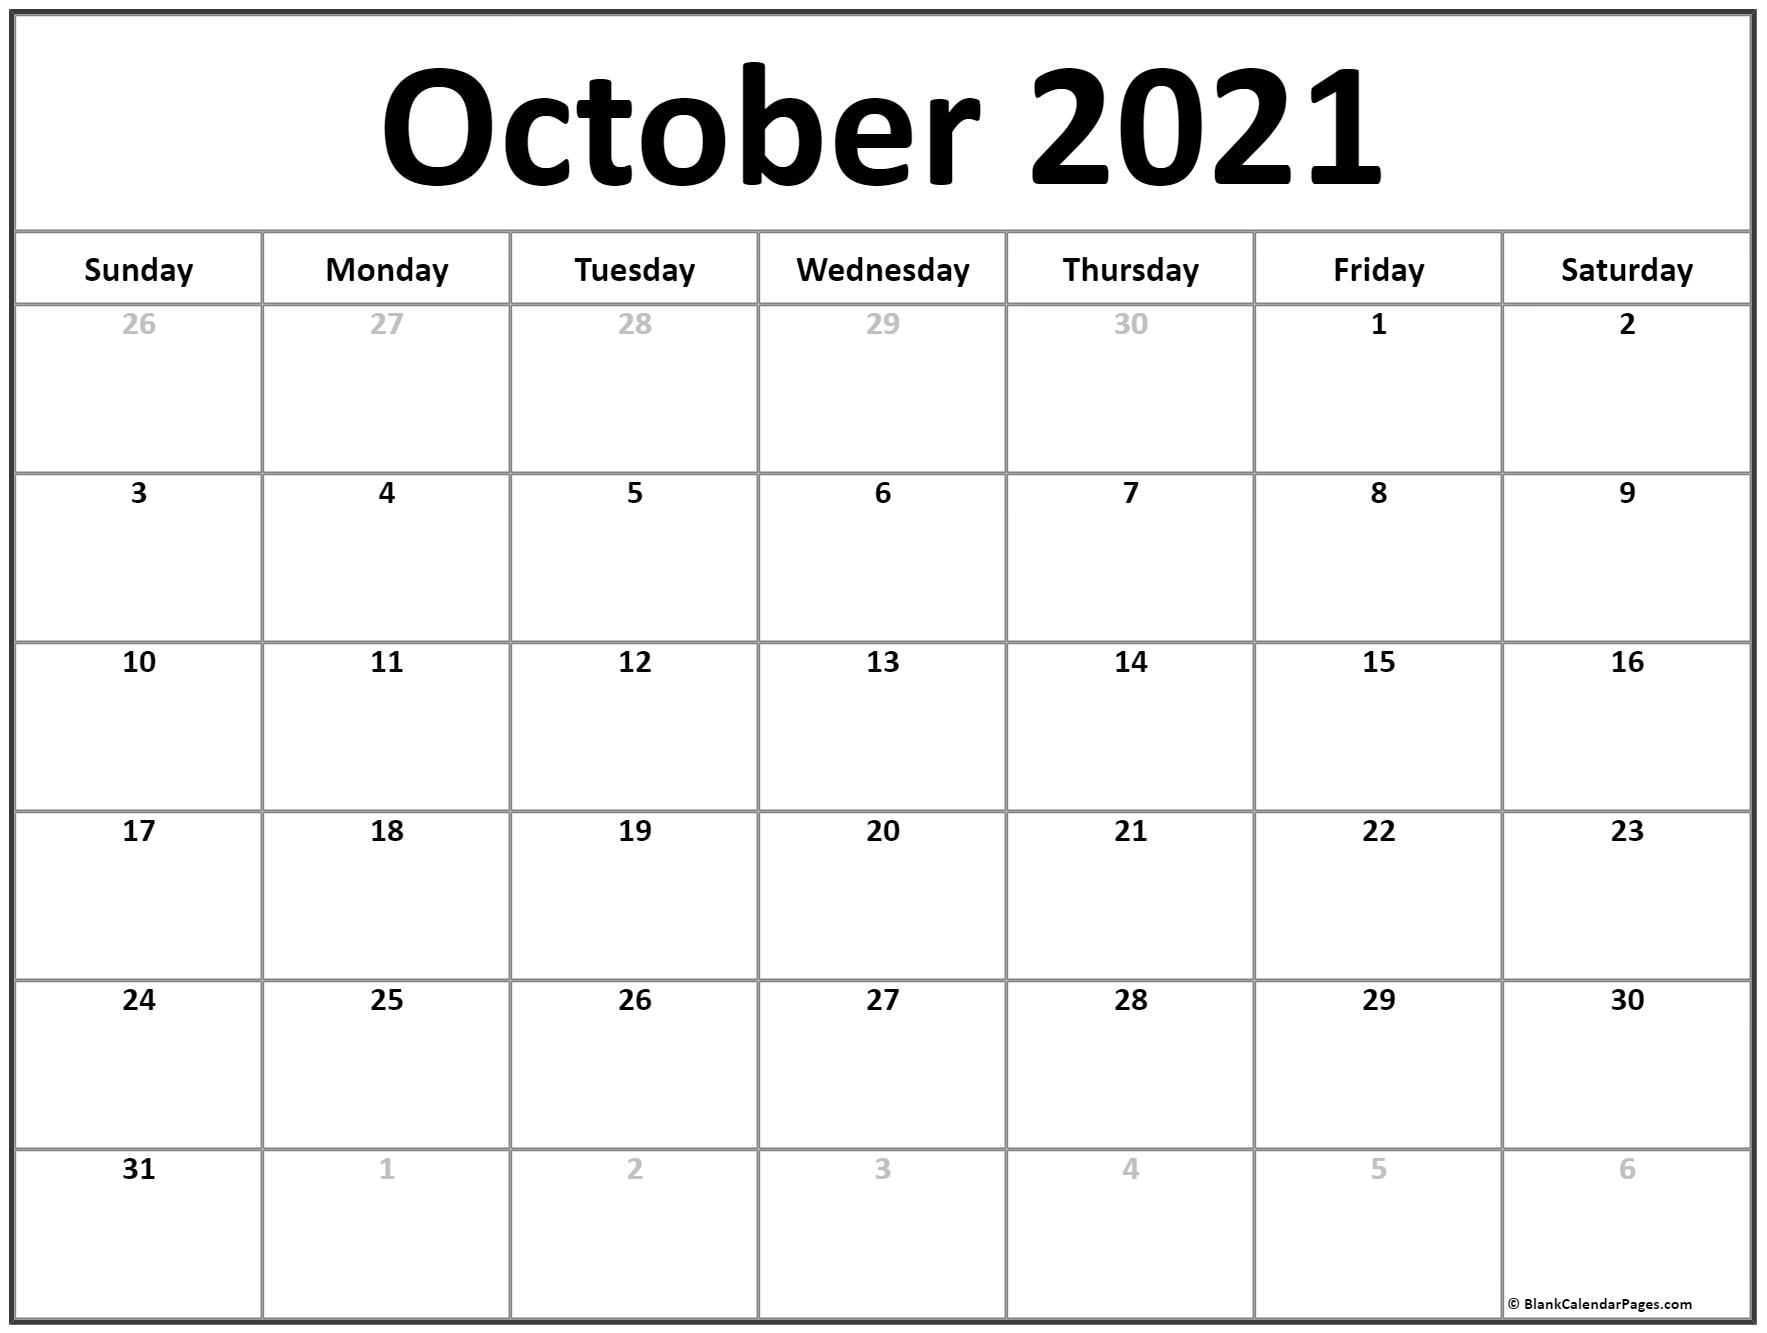 October 2021 Calendar | Free Printable Calendar Templates